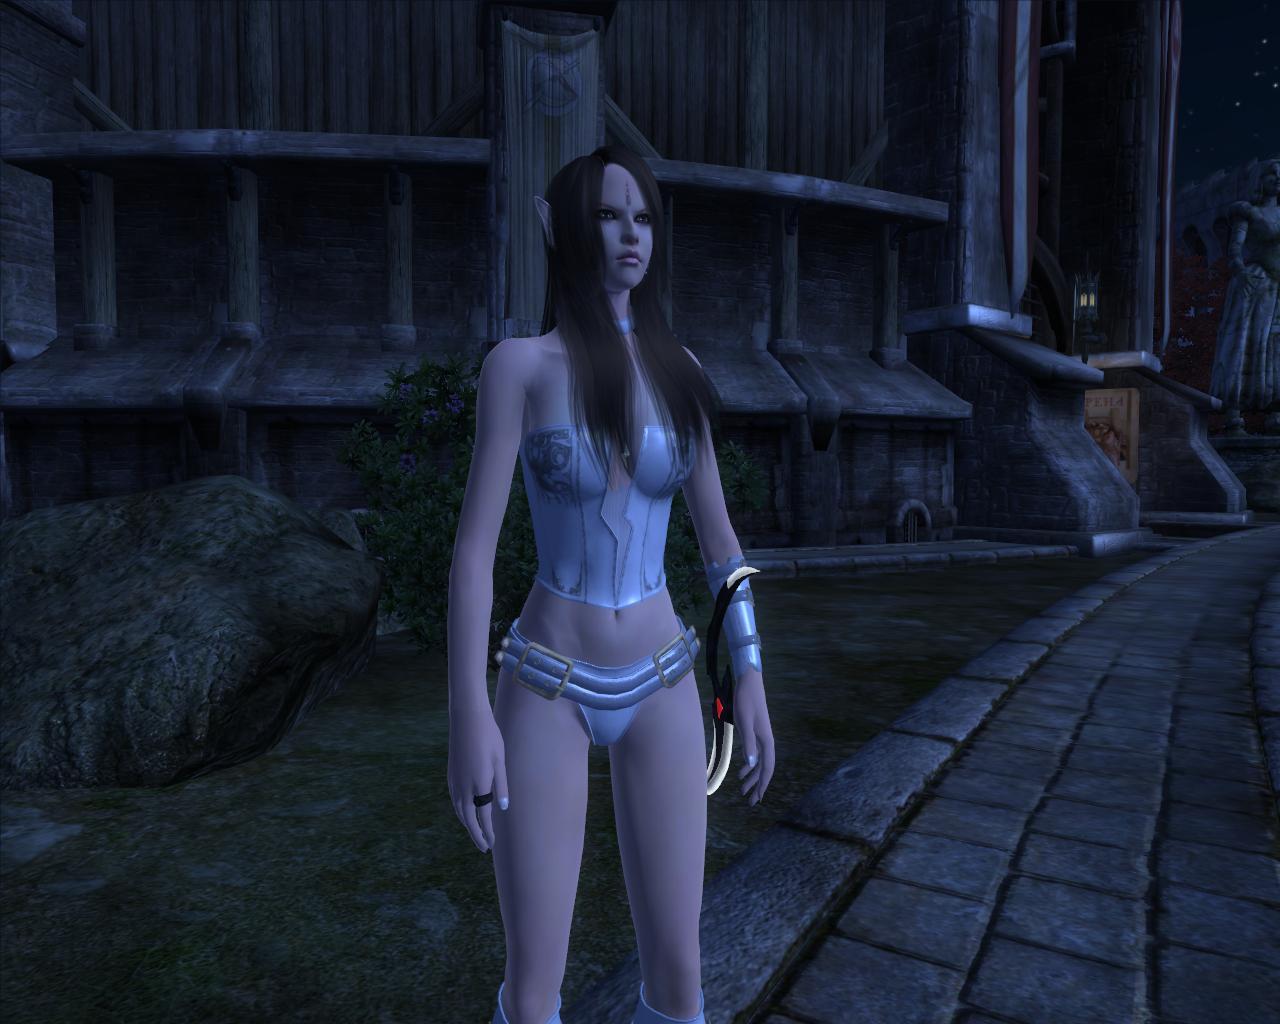 Demi lovato boobs naked